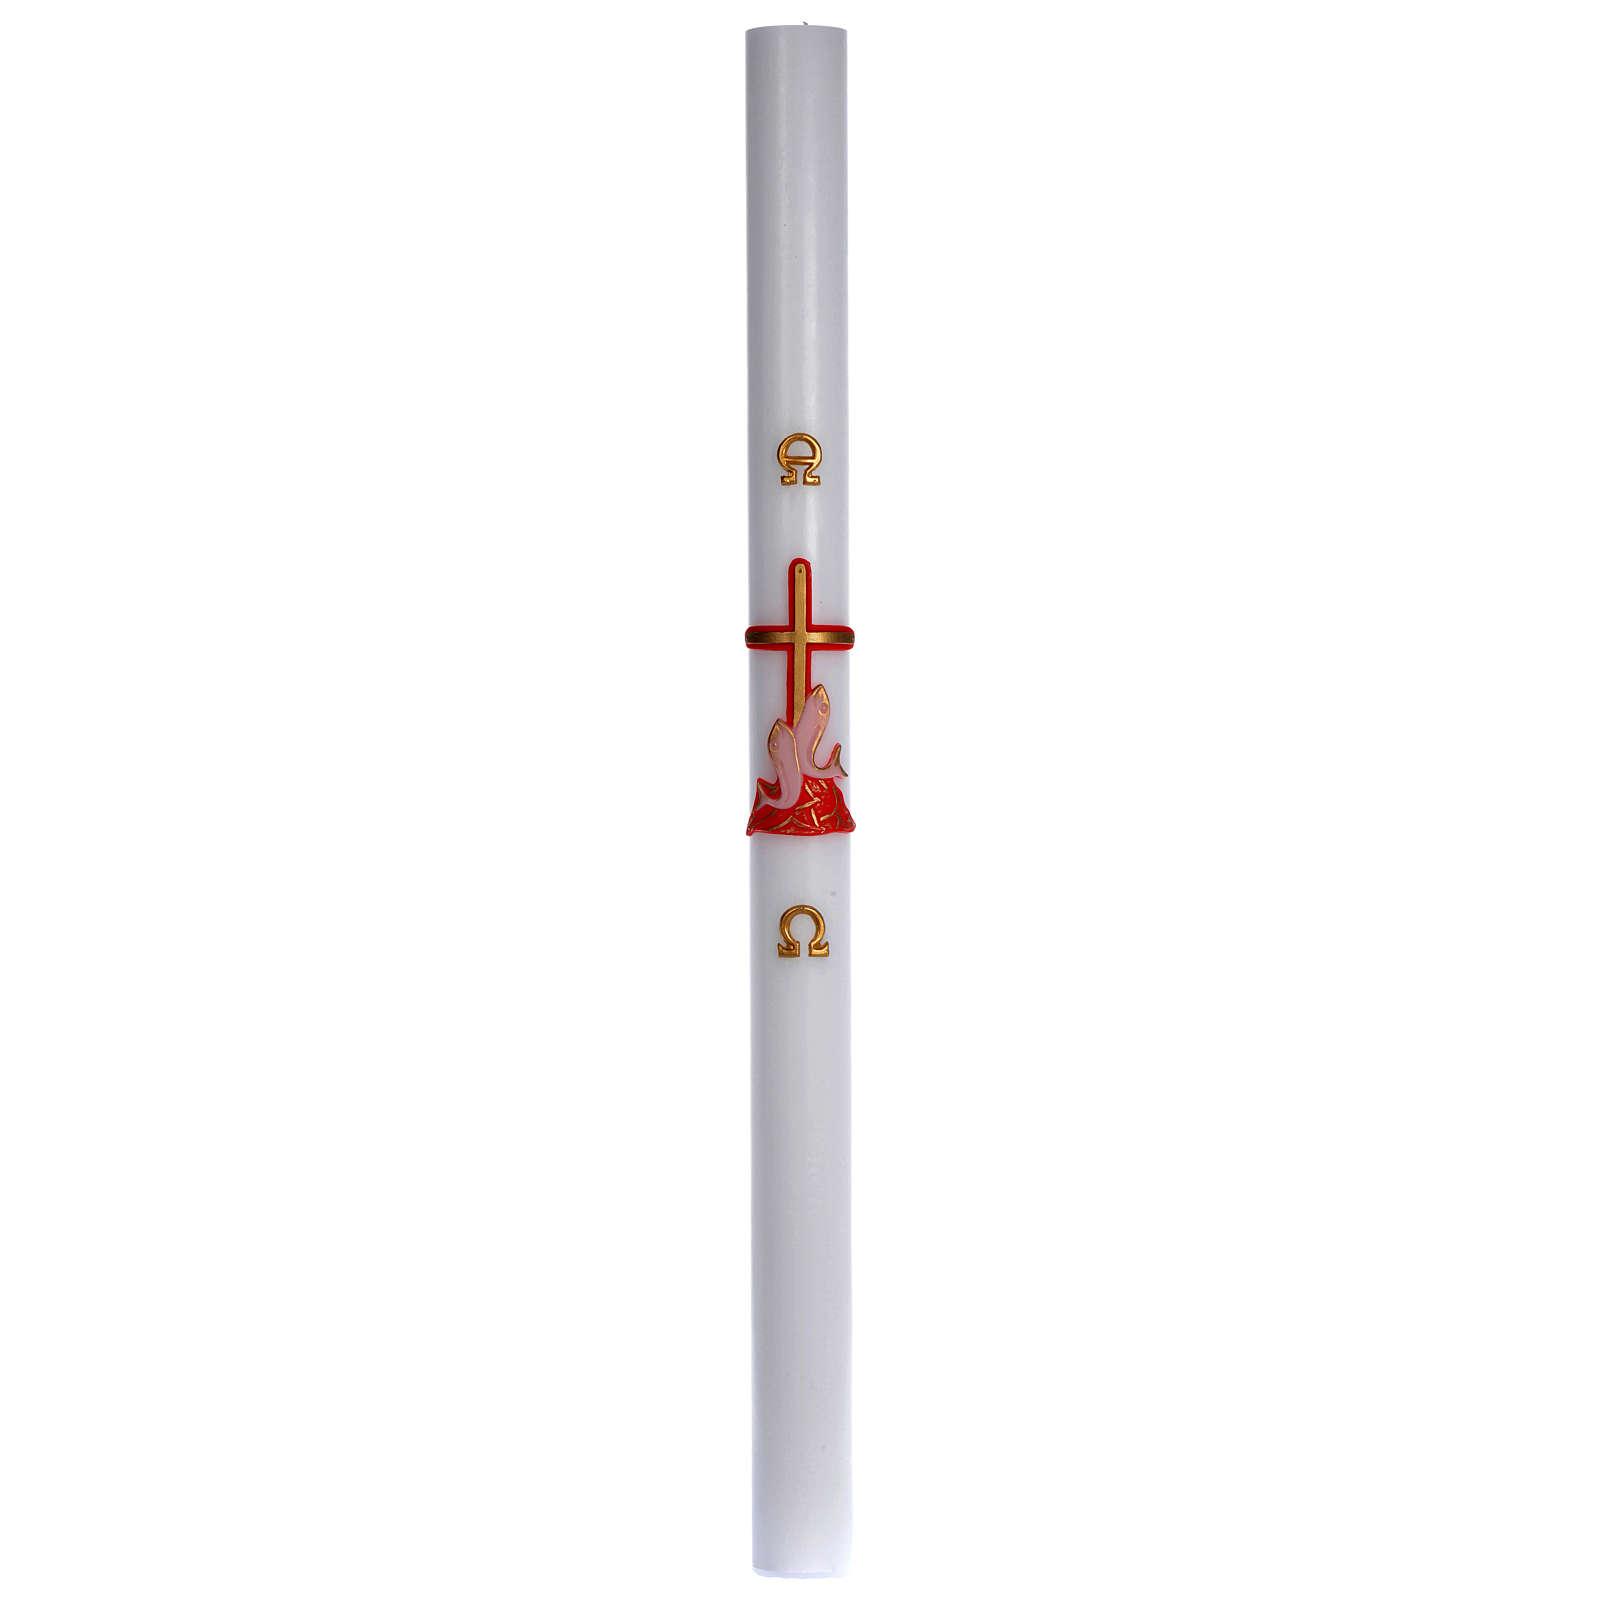 Paschał wosk biały krzyż ryby czerwony 8x120 cm 3